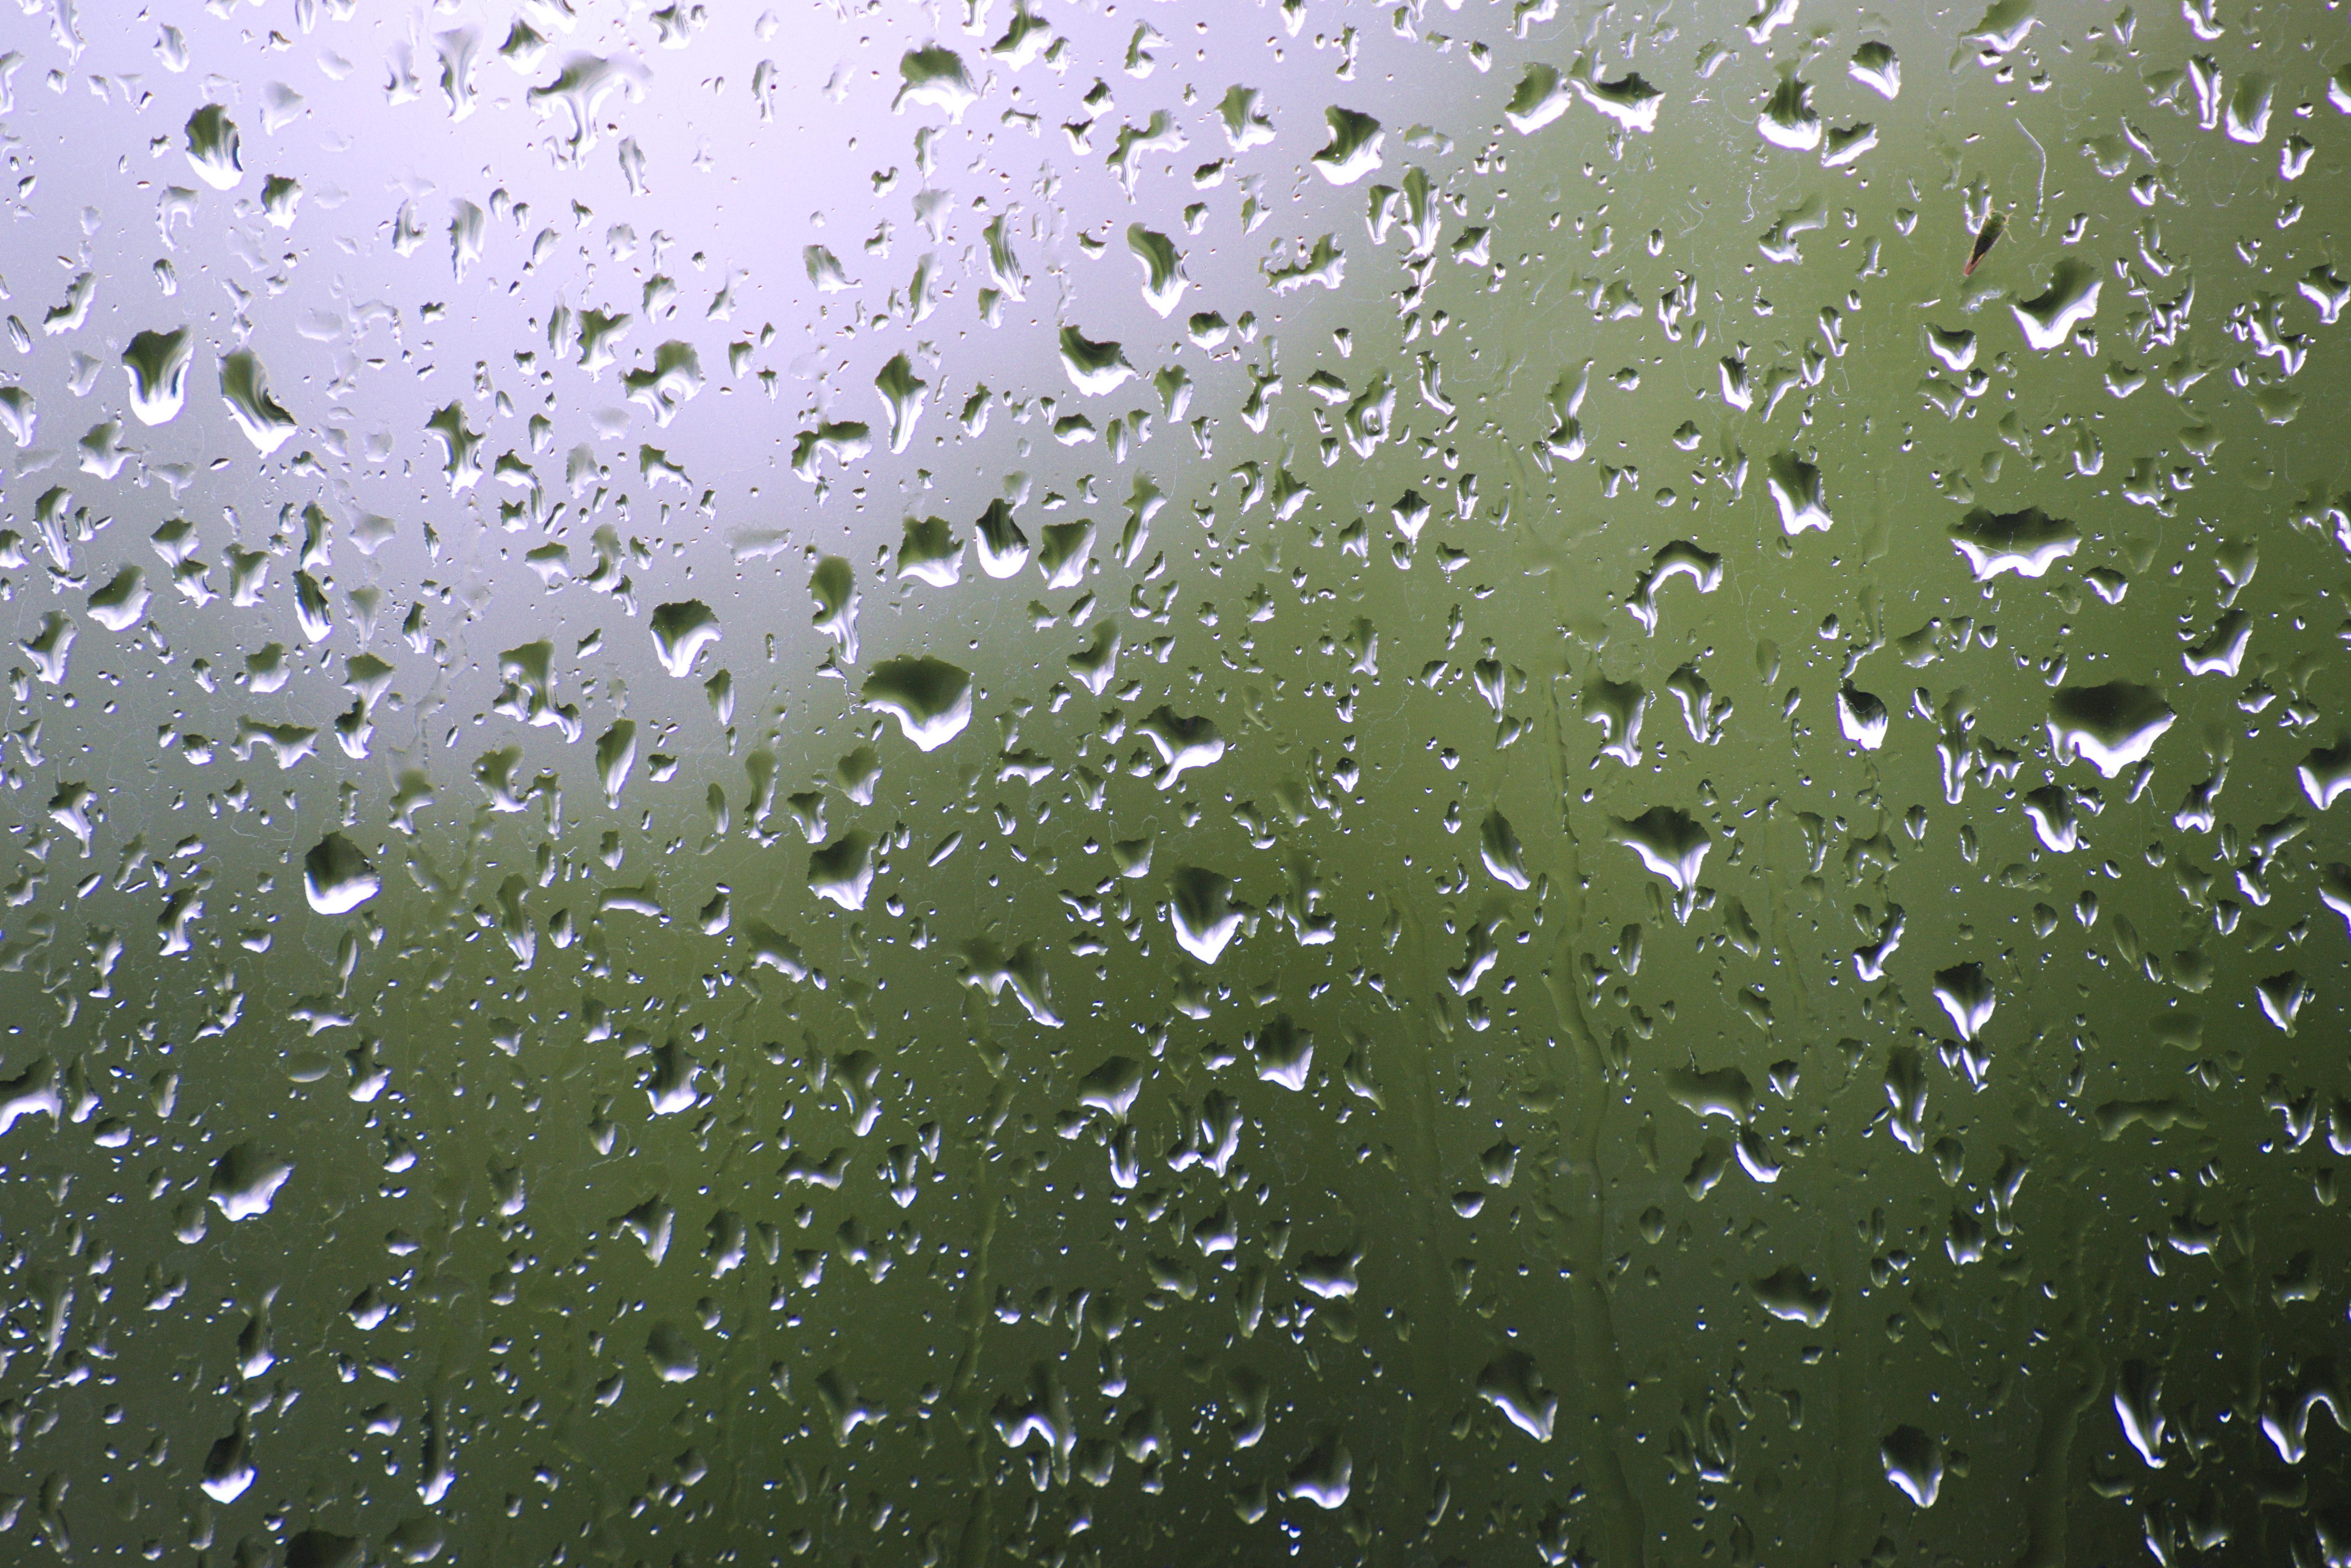 hình ảnh : Nước, cỏ, rơi vãi, mưa, Lá, Cửa sổ, ly, Mưa, mẫu, màu xanh lá, Thời tiết, Nhỏ giọt, trong suốt, buồn, lý lịch, mờ, Ẩm ướt, giọt nước, đĩa, ...